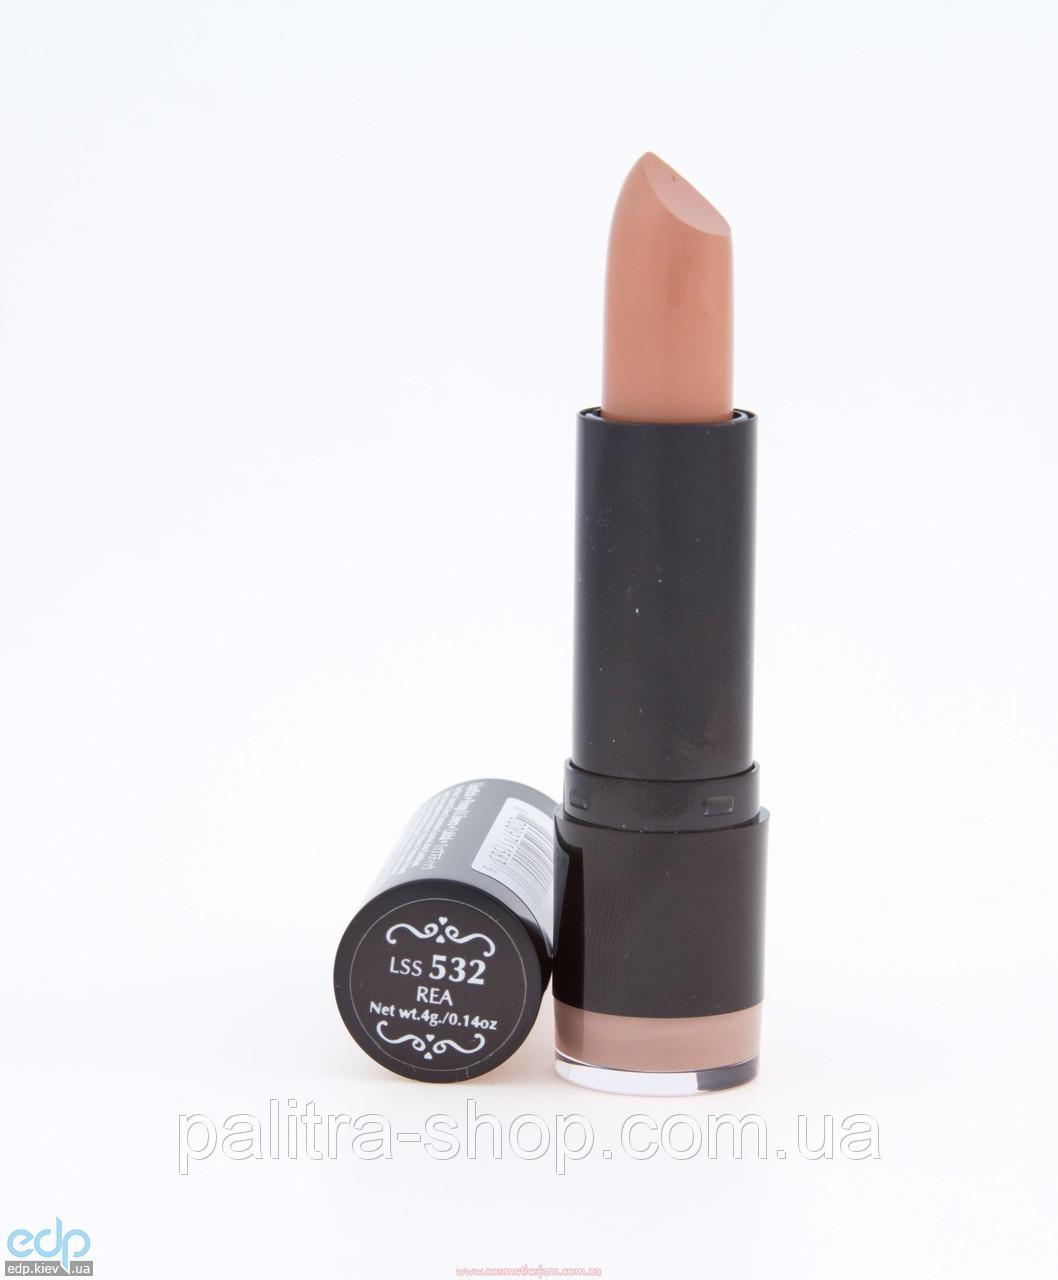 NYX - Кремовая увлажняющая помада Extra Creamy Round Lipstick Приглушенный беж с лиловым оттенком Rea LSS532 - 4 g